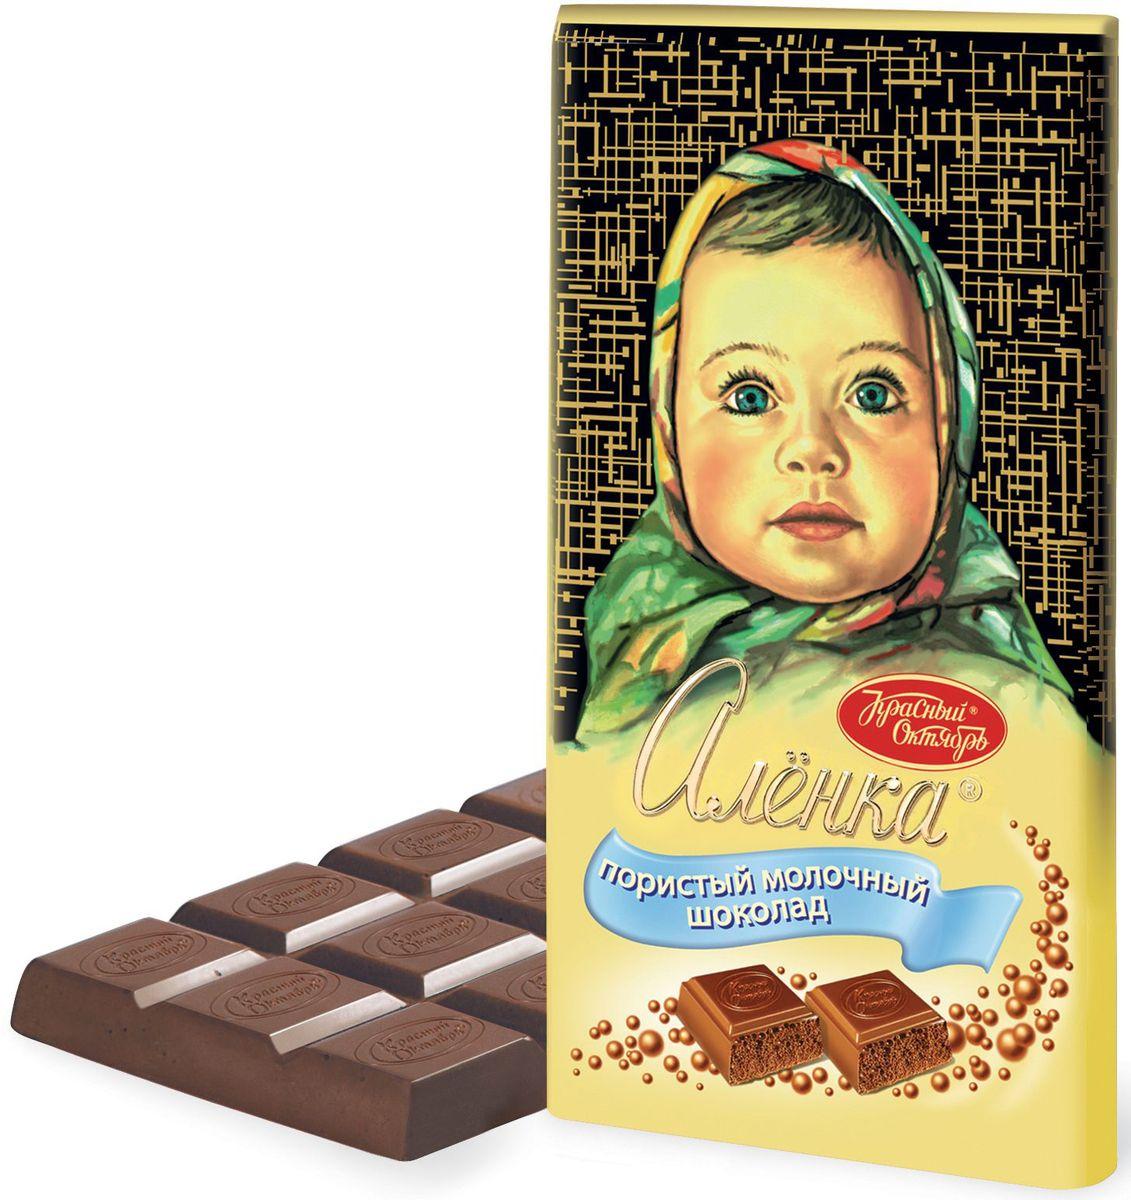 Красный Октябрь Аленка Пористый молочный шоколад, 95 г milka cake